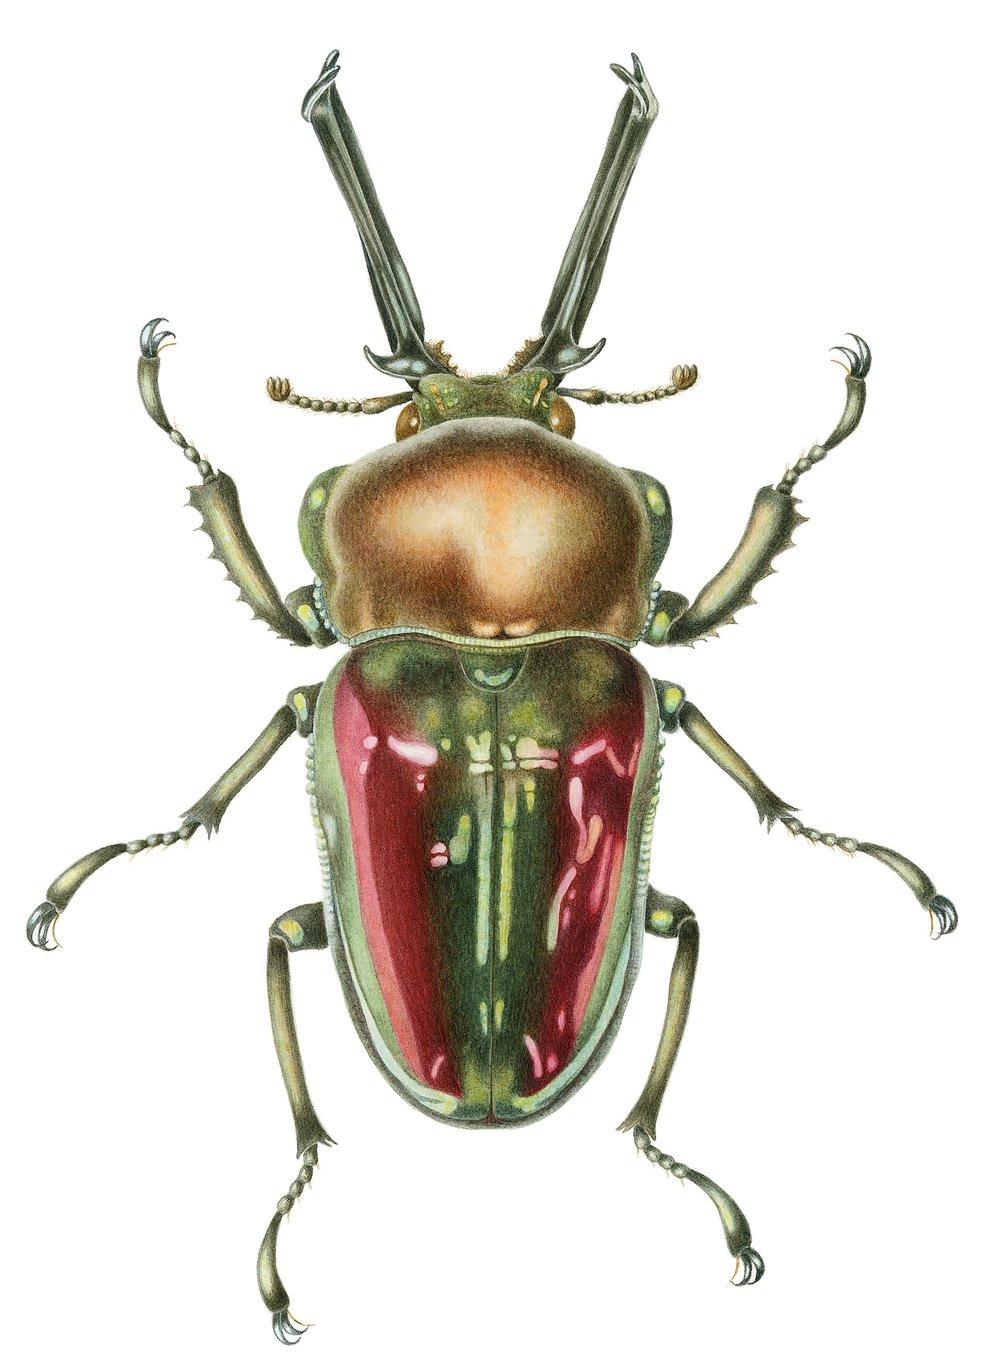 rainbow stag beetle best cropped version.jpg